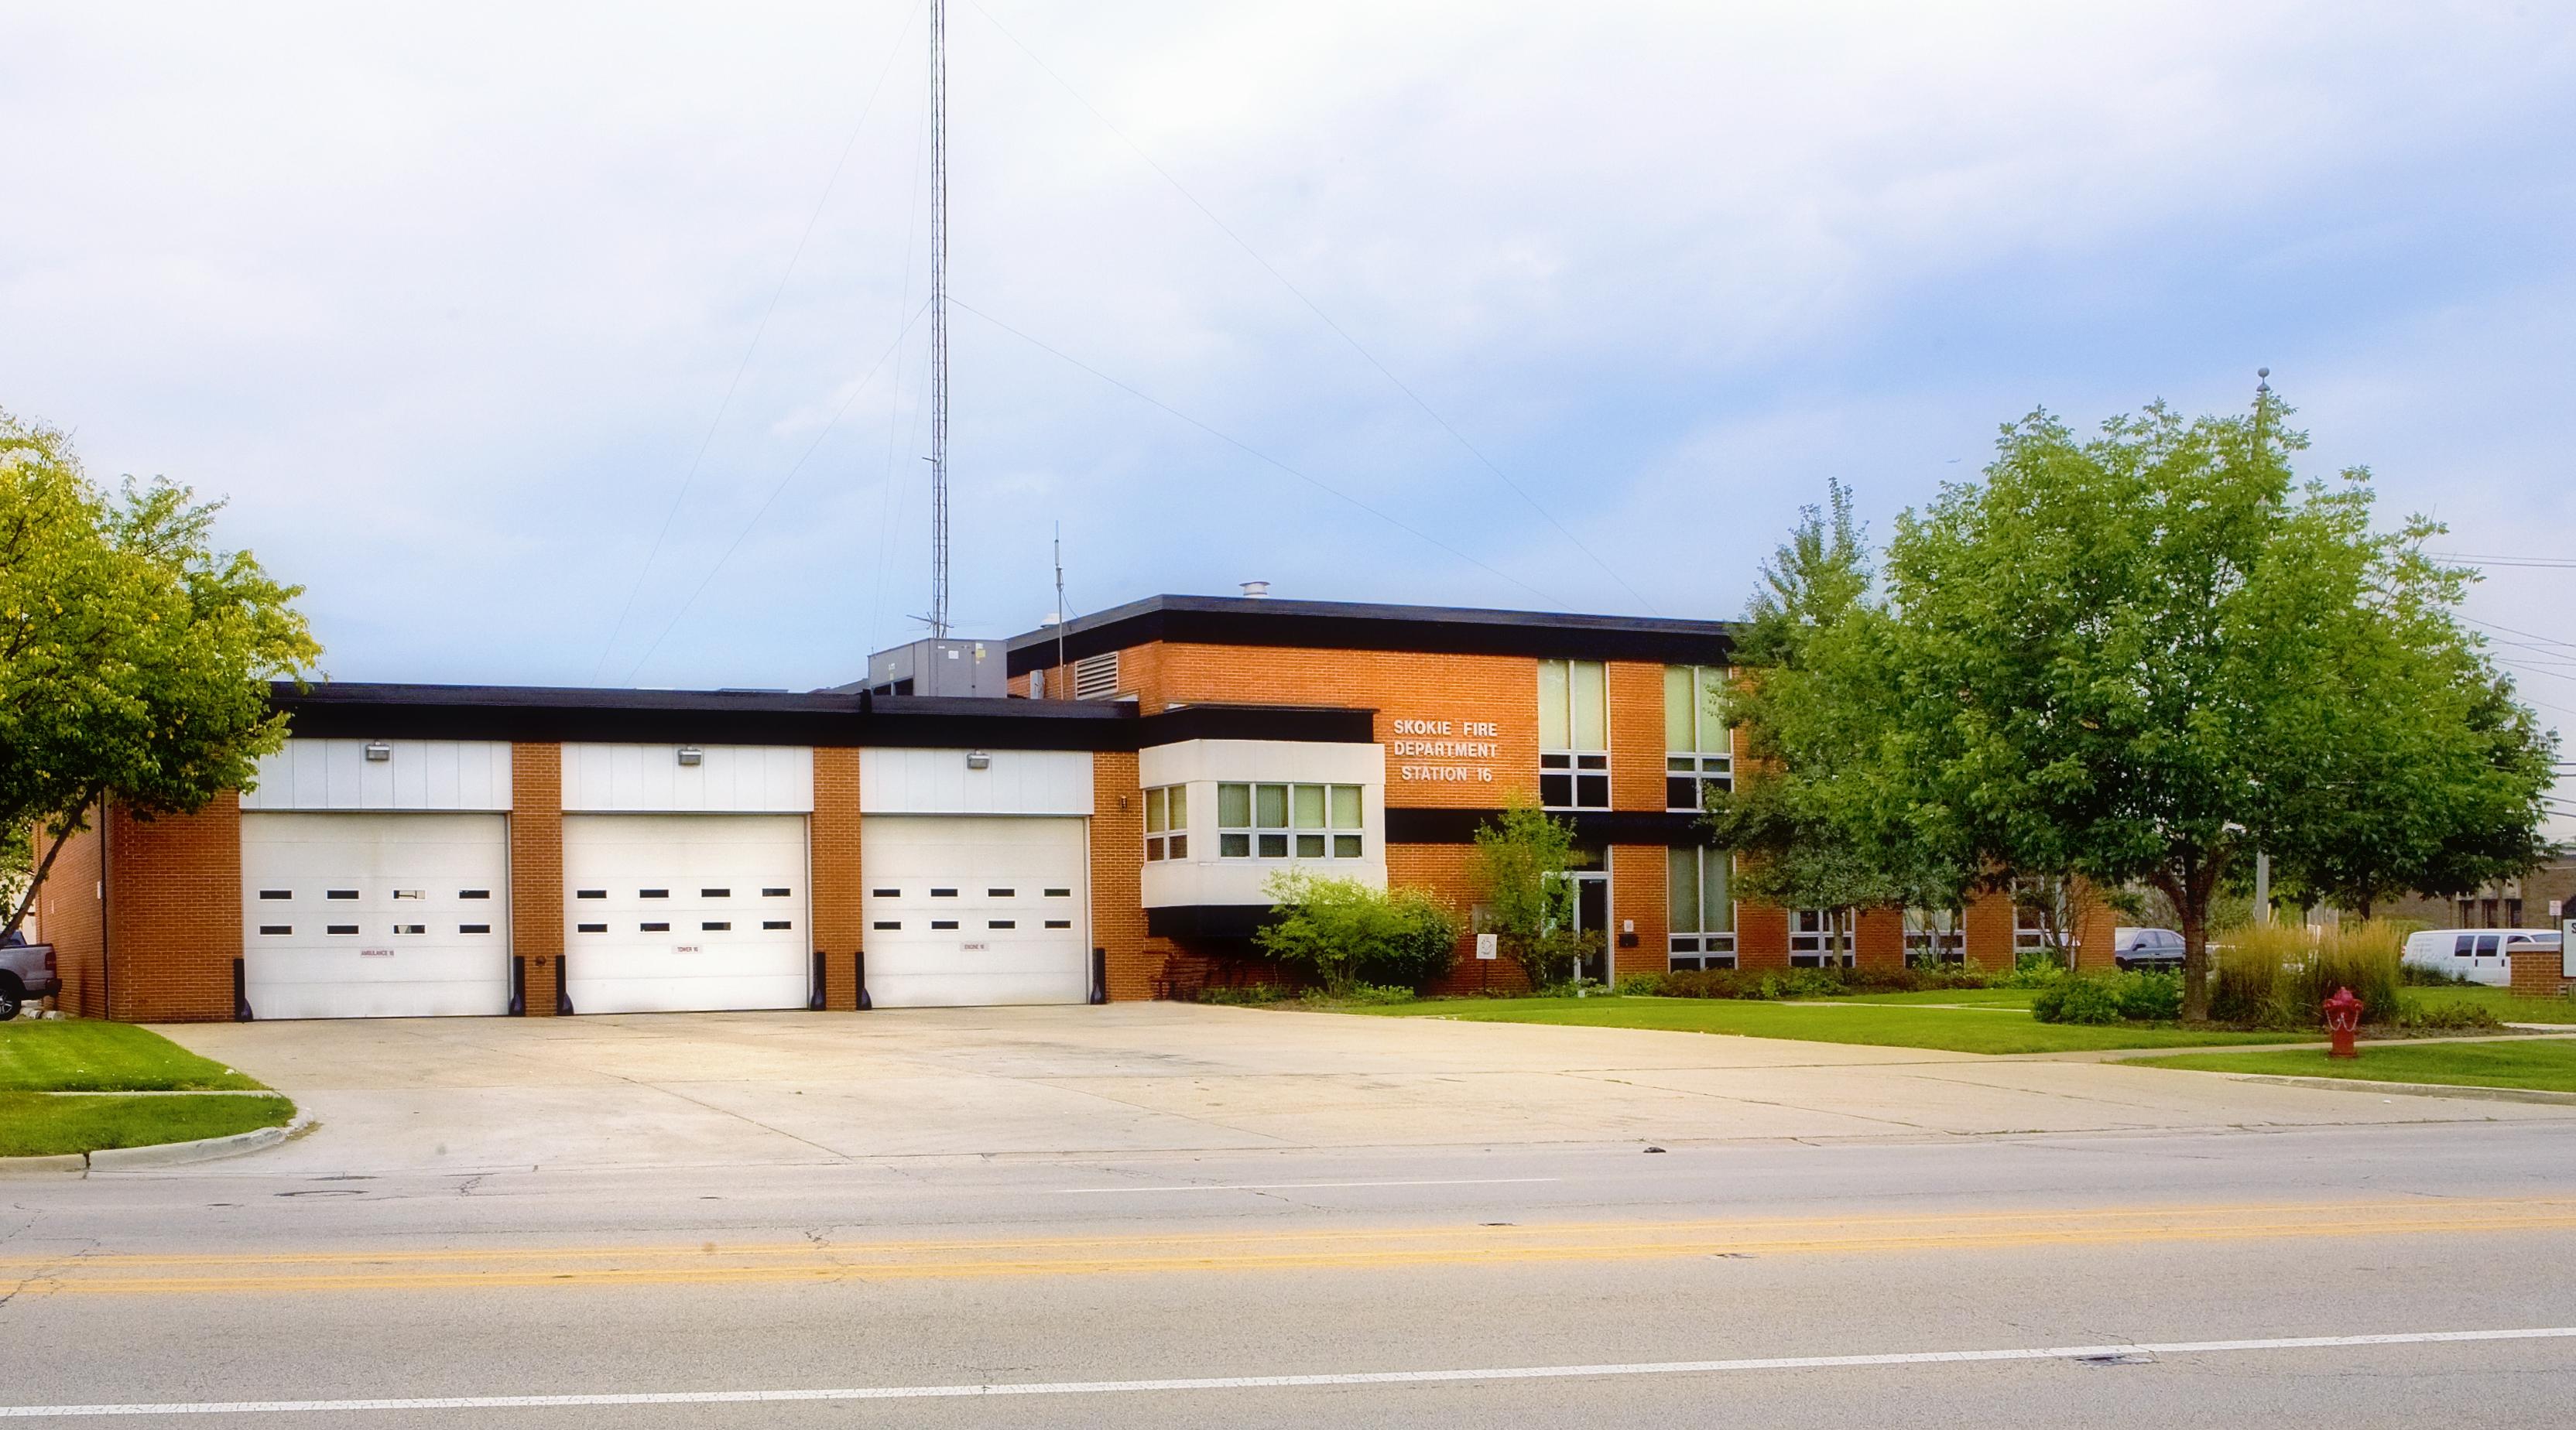 Skokie Fire Department Station 16